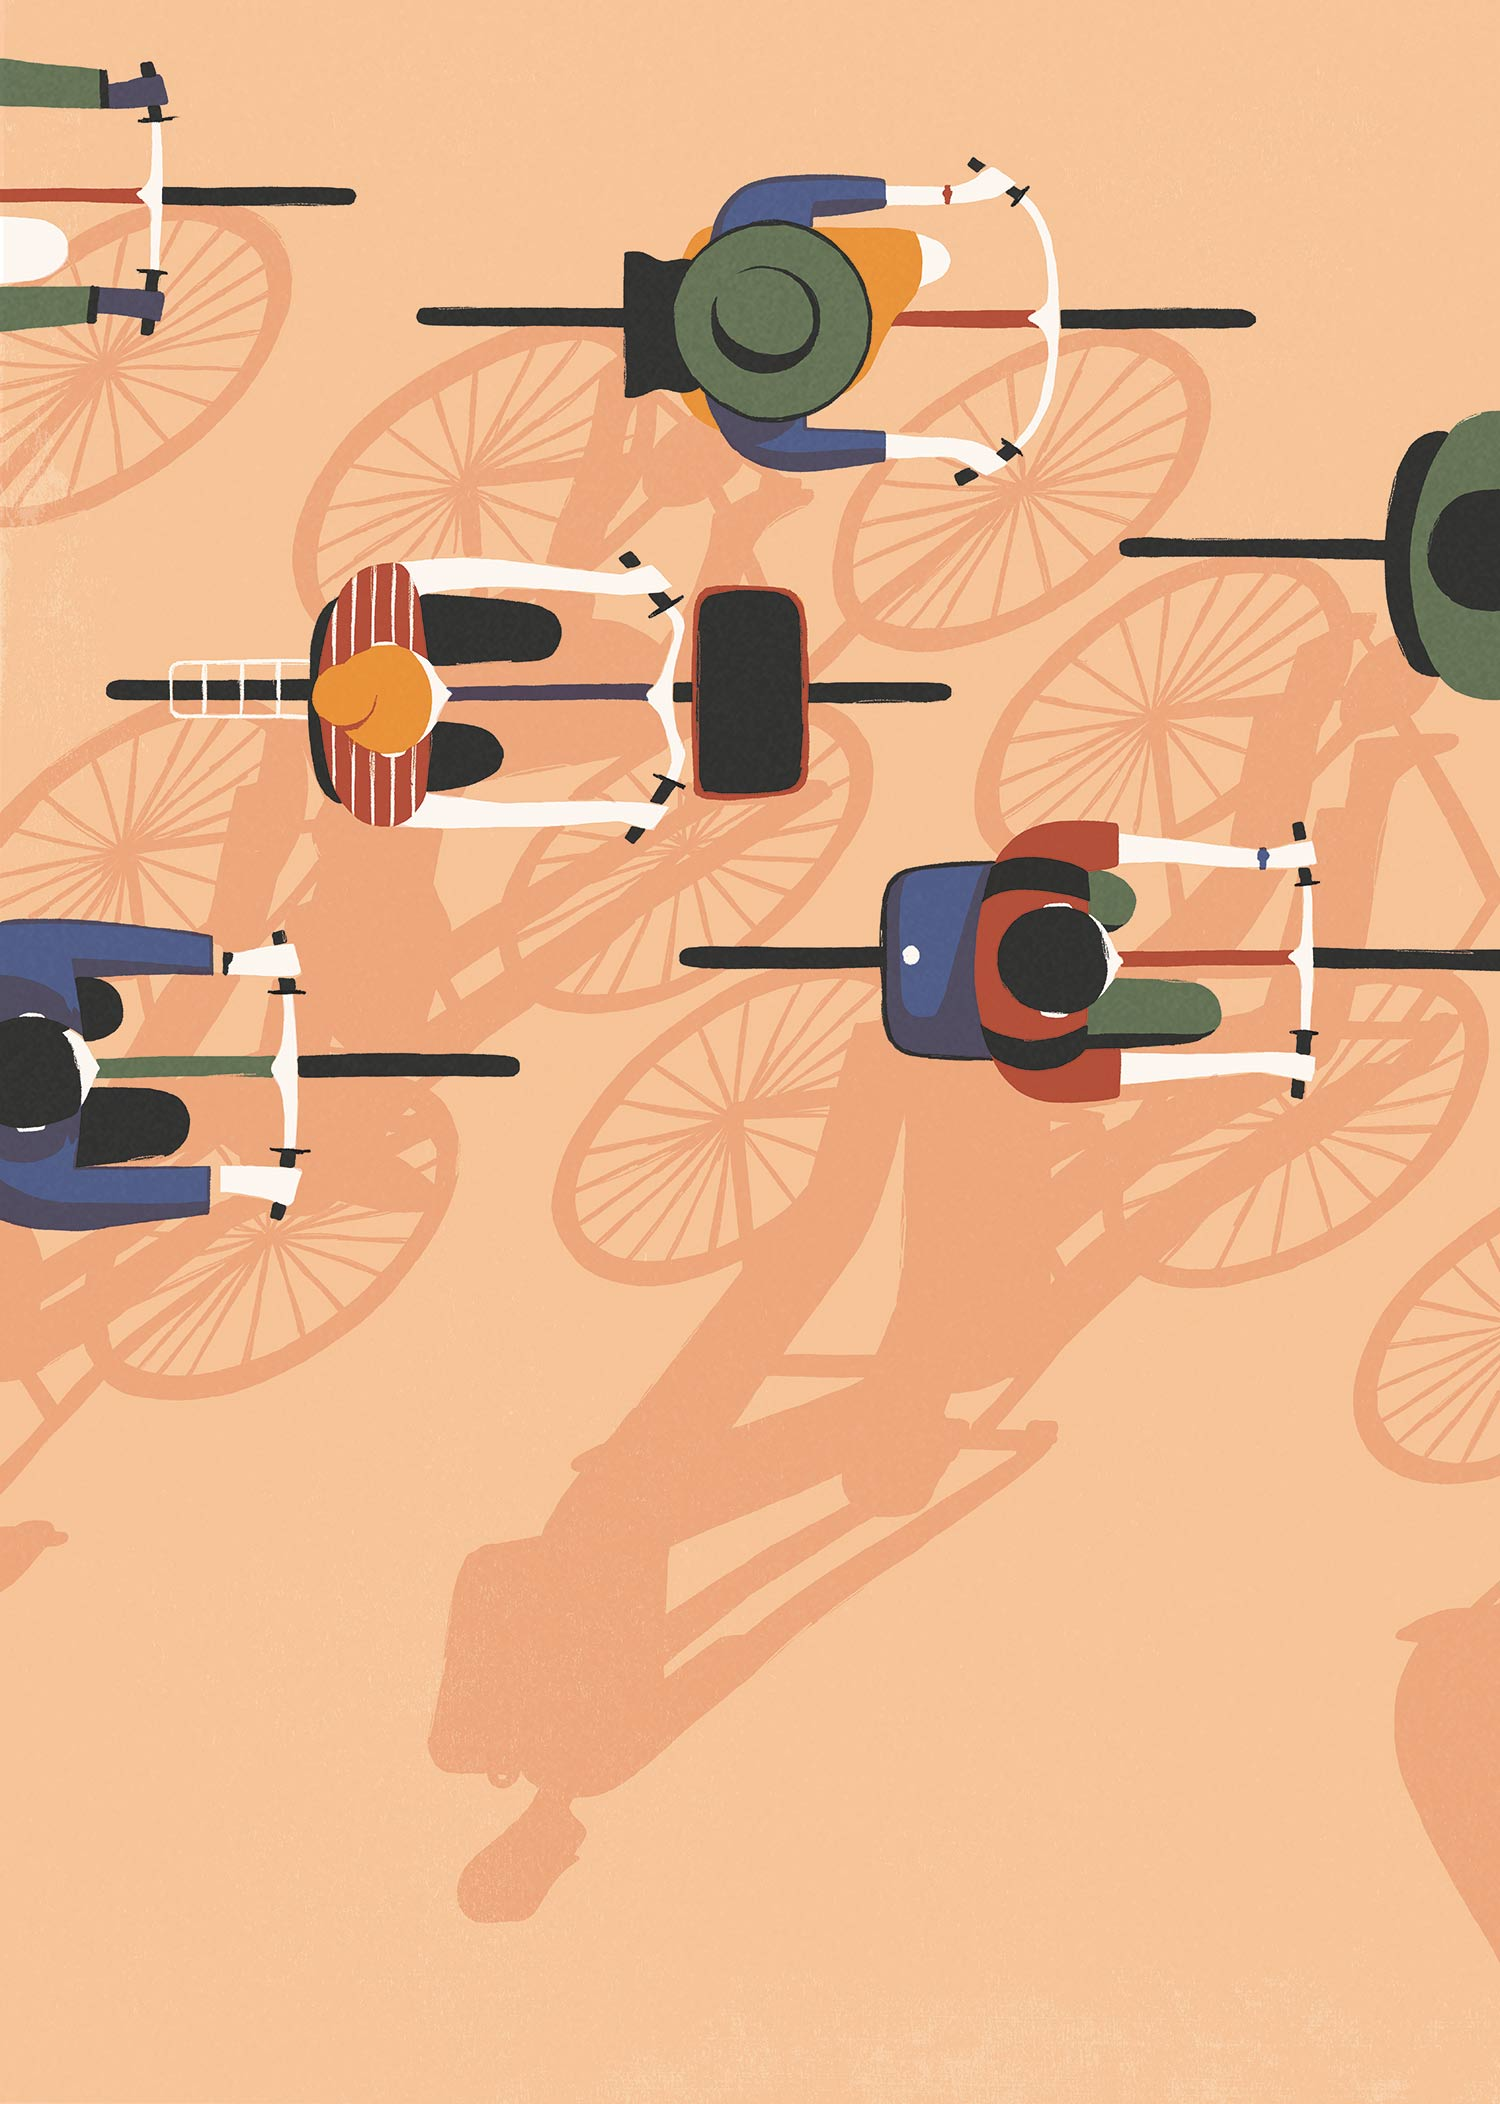 David Doran trasforma idee in bellissime illustrazioni | Collater.al 7